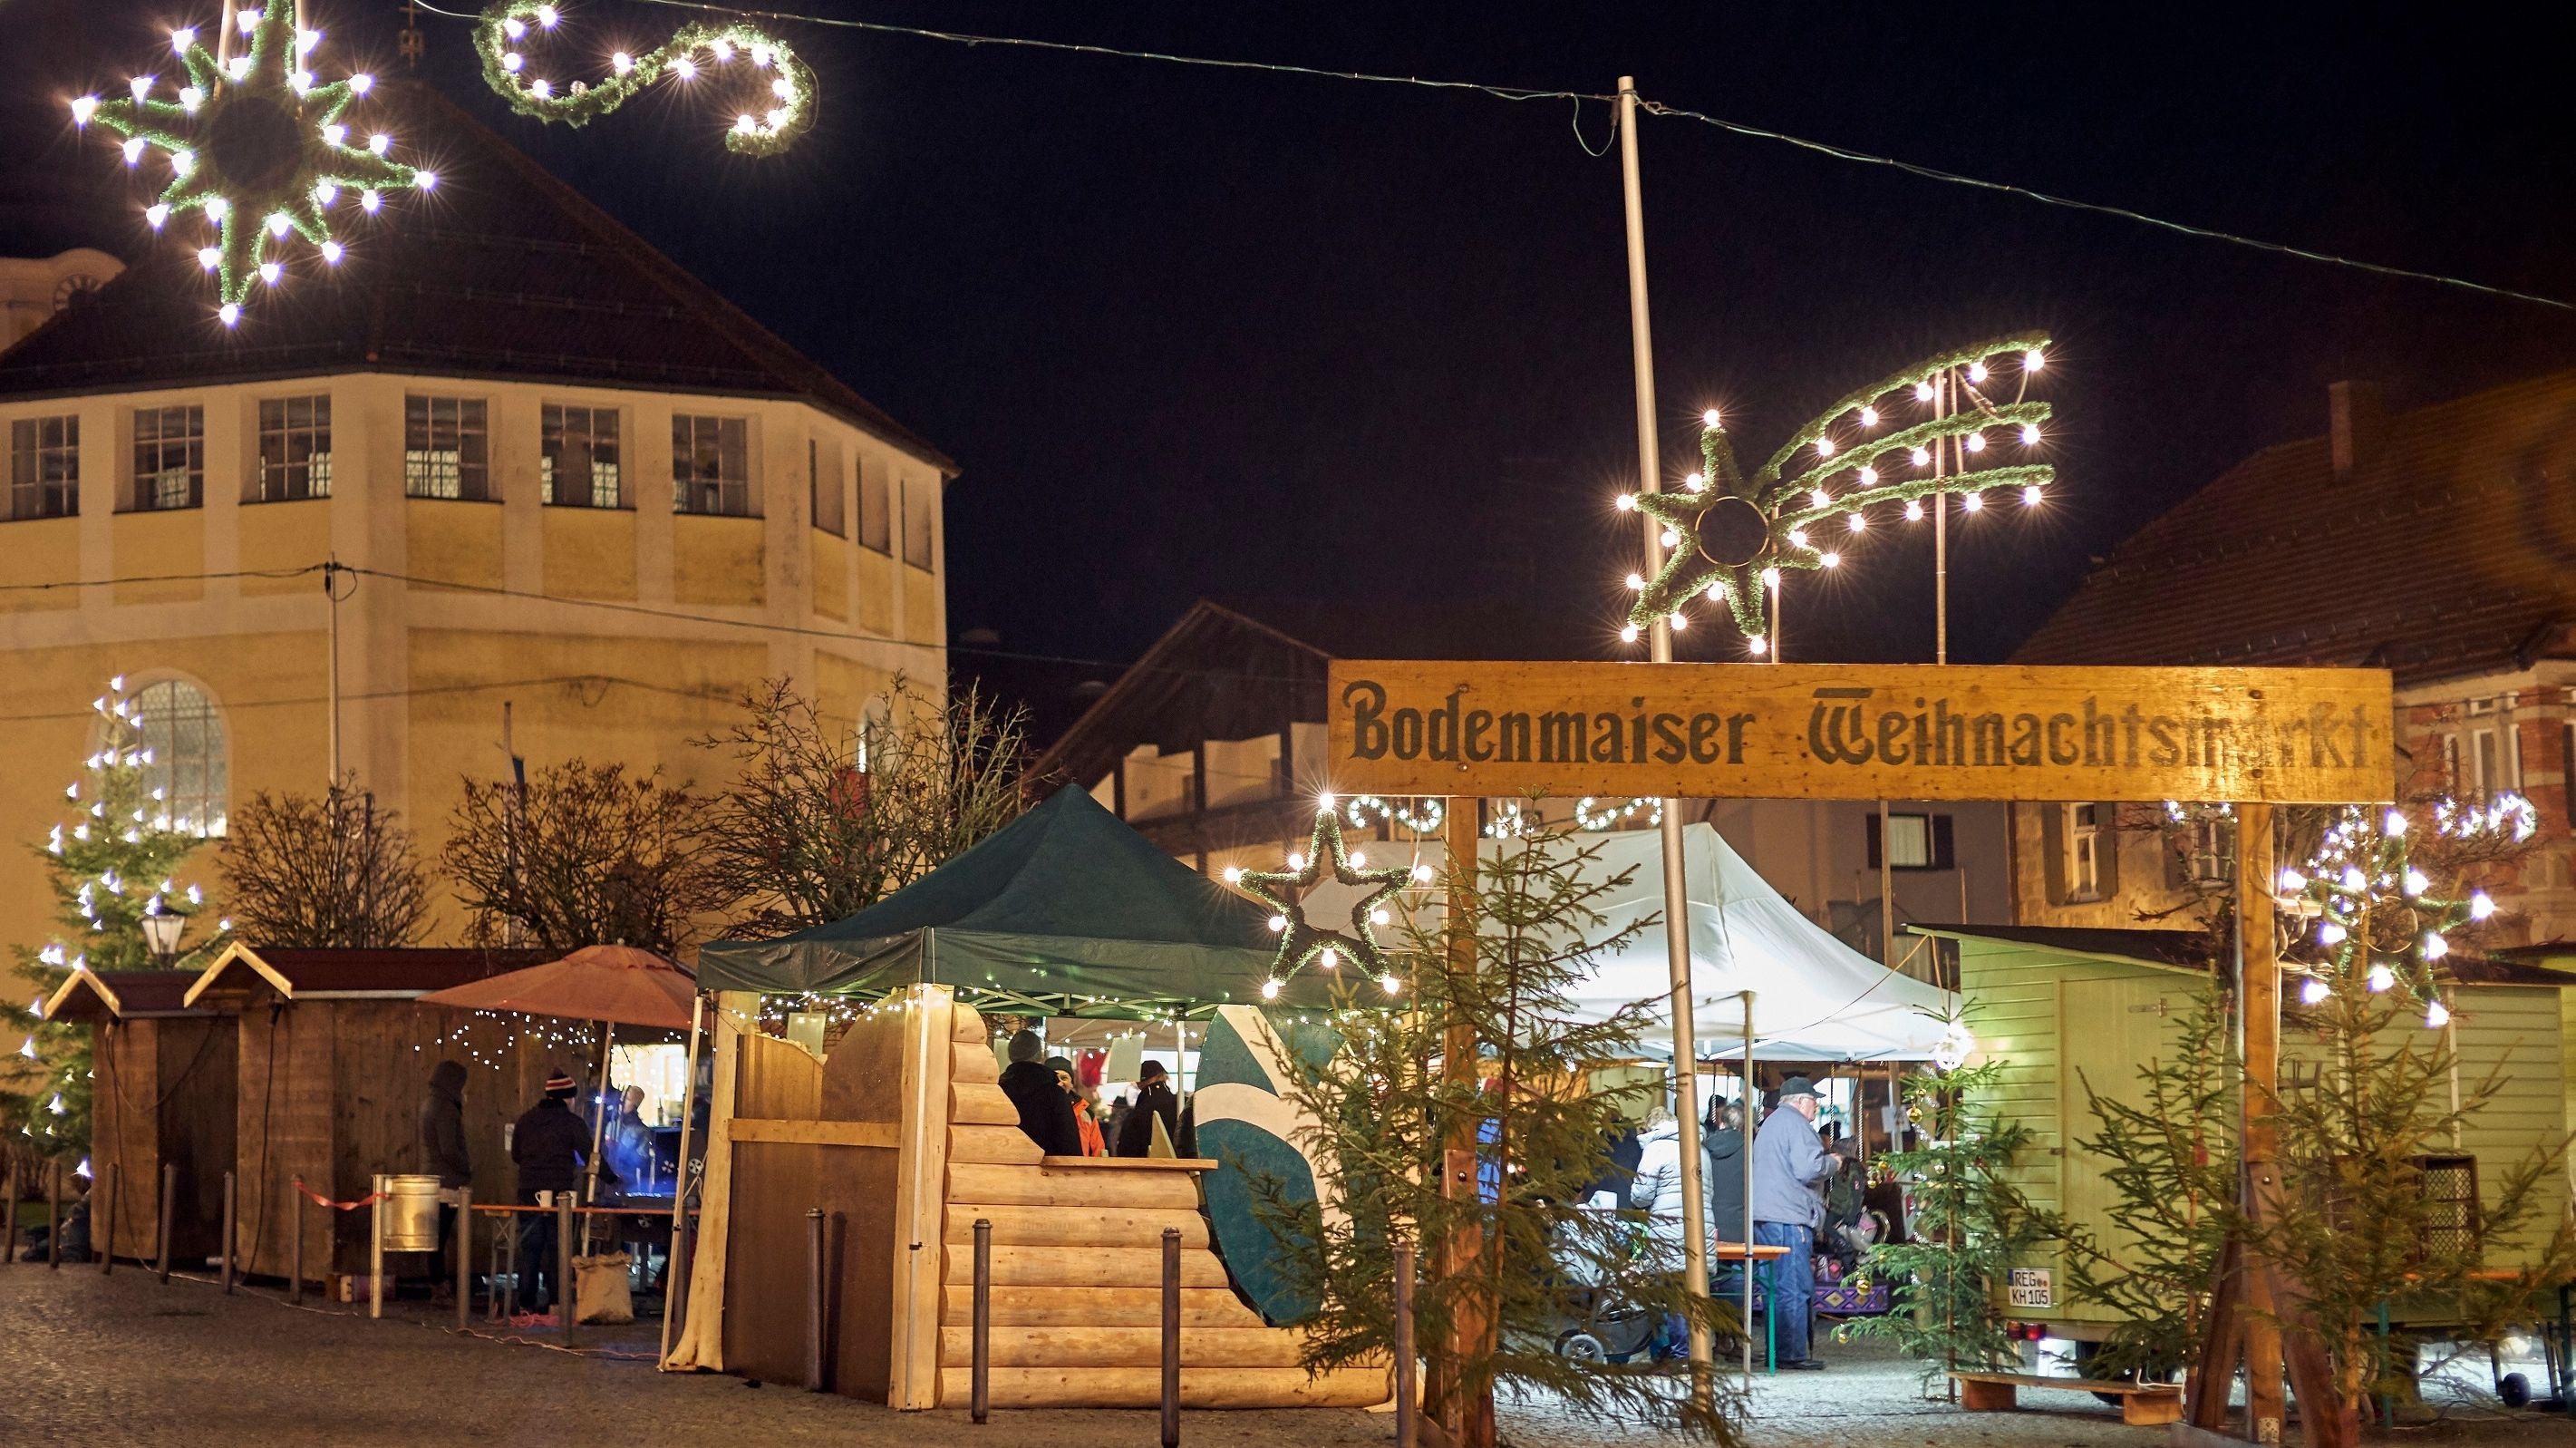 Bodenmaiser Weihnachtsmarkt am dritten Adventswochenende